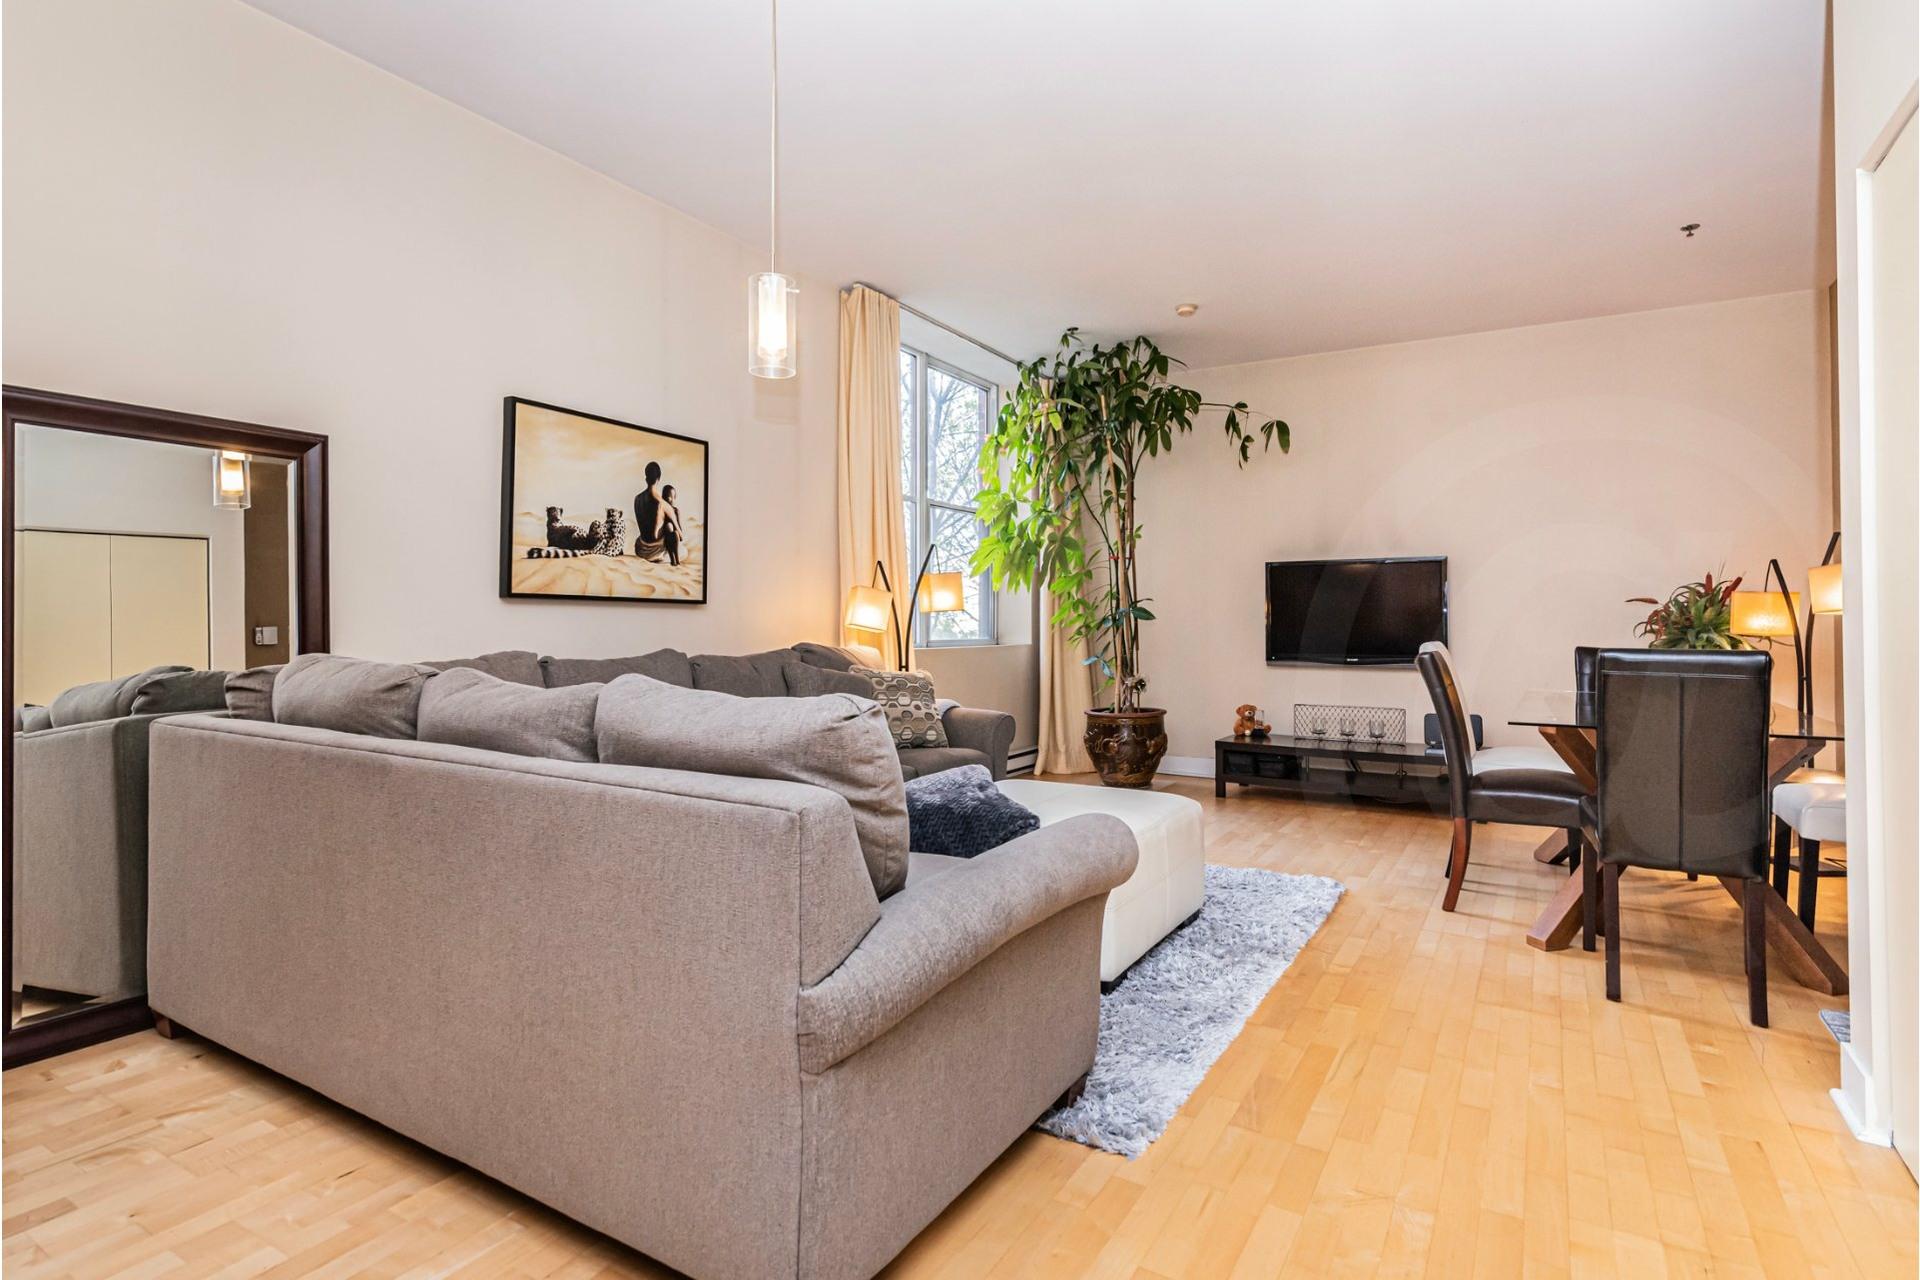 image 9 - Appartement À vendre Lachine Montréal  - 4 pièces